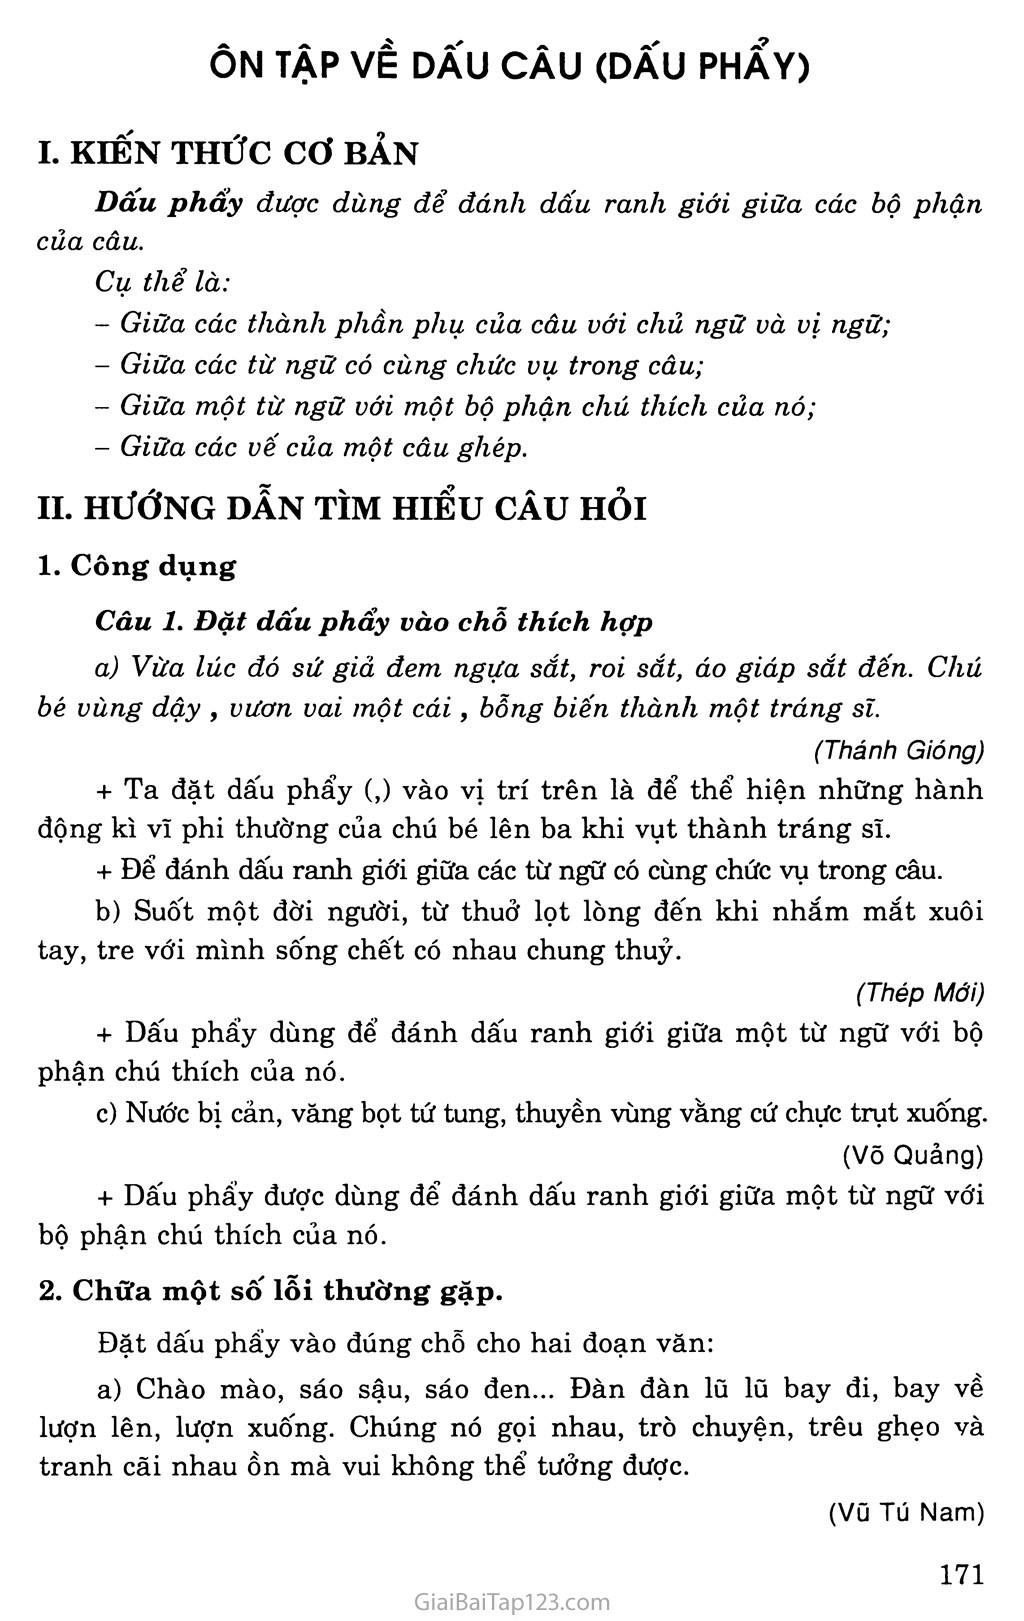 Ôn tập về dấu câu (Dấu phẩy) trang 1